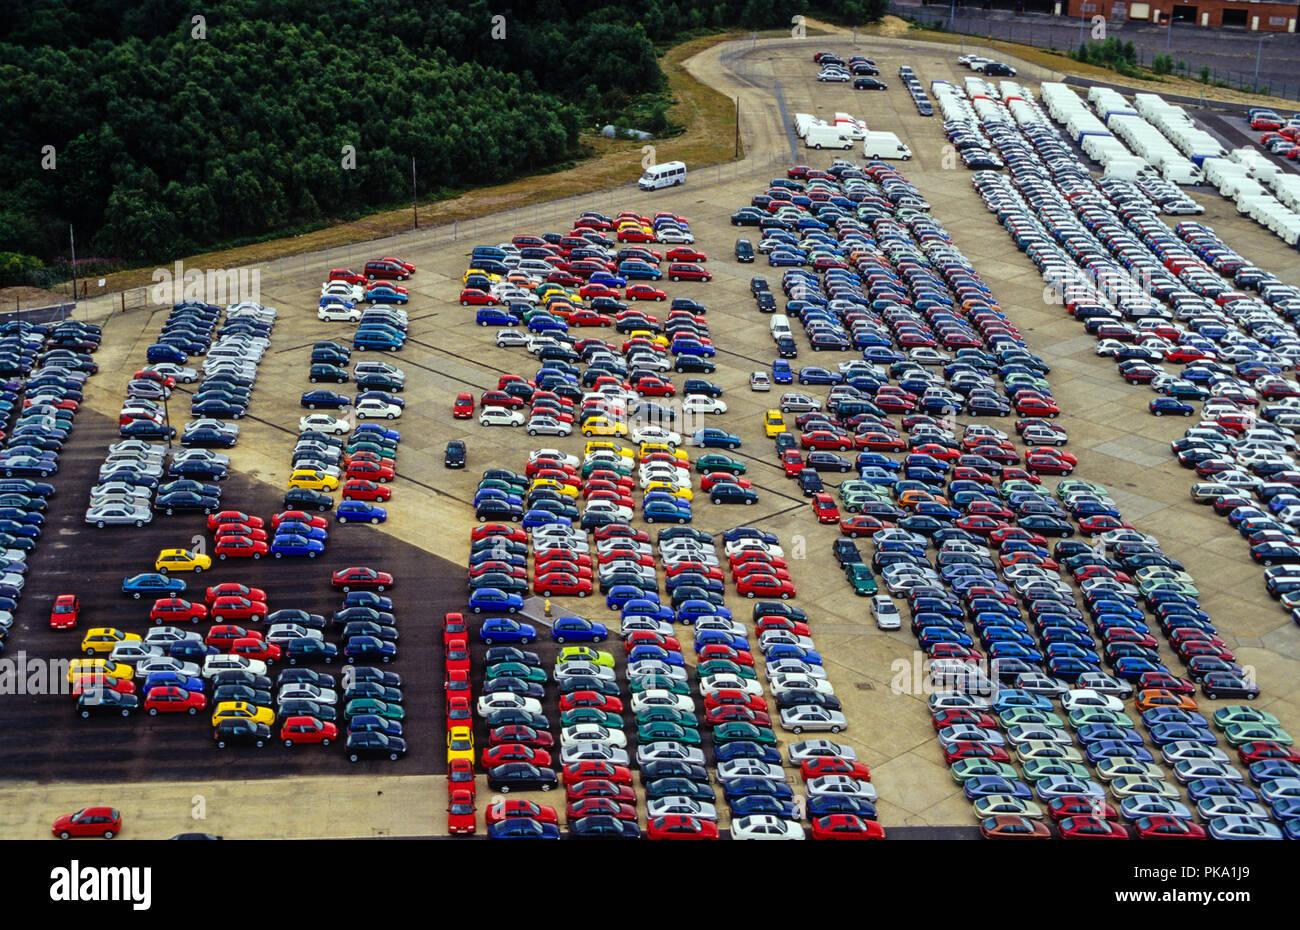 Luftaufnahme, Auto Lagerung, Neue greenham Park, Greenham Common, Newbury, Berkshire, England, UK, GB. Stockbild